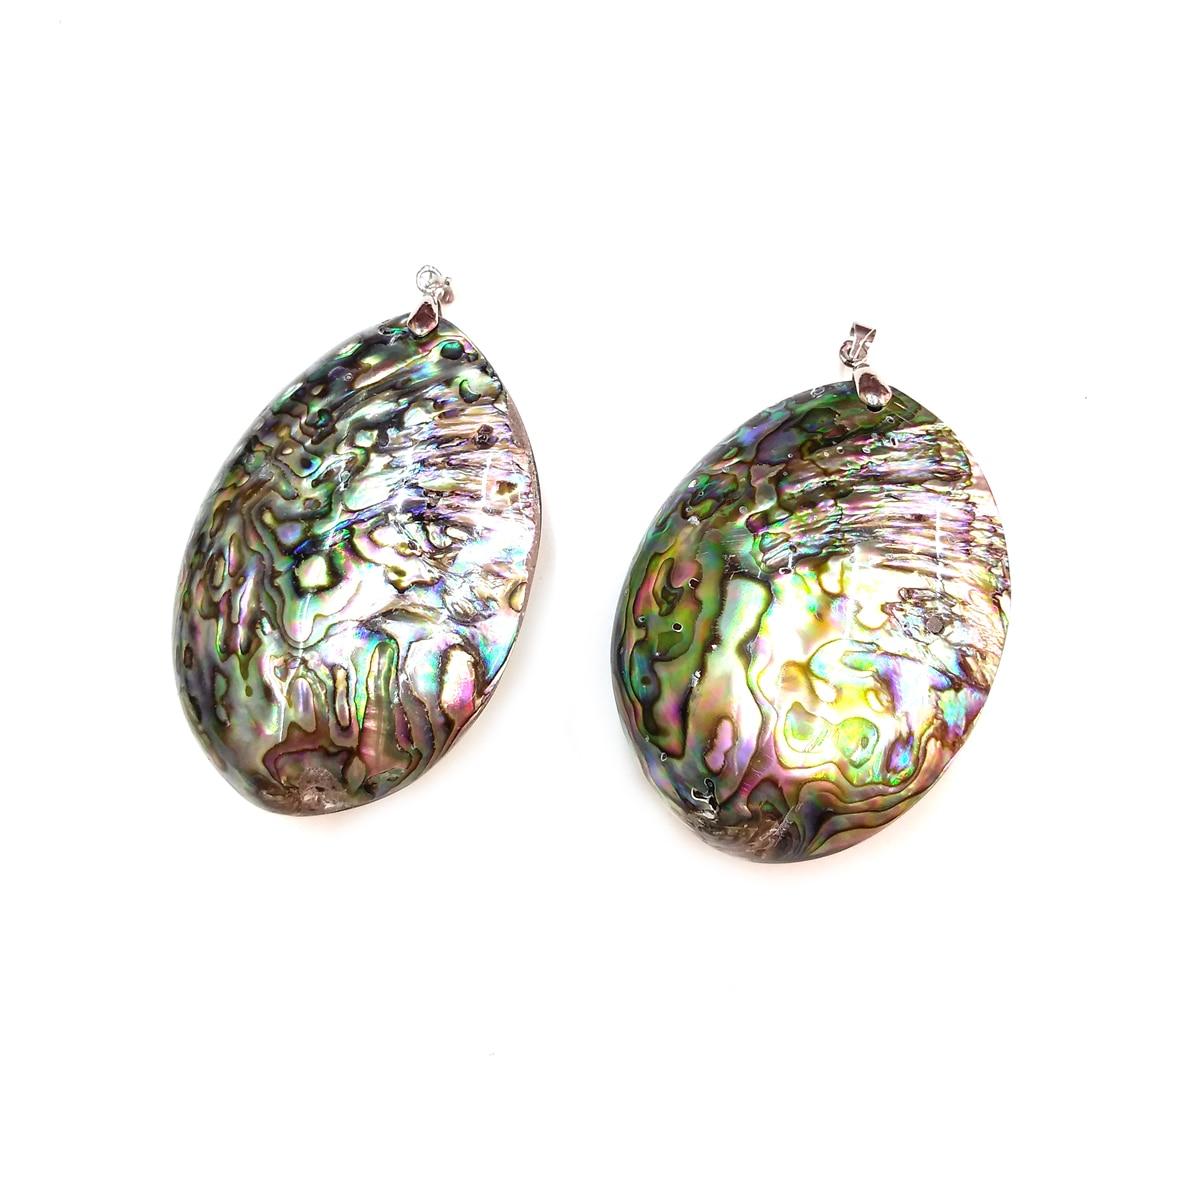 Pendentifs en coquillage pendentif de collier pour la fabrication de bijoux accessoires de bricolage pour colliers taille 45x70mm